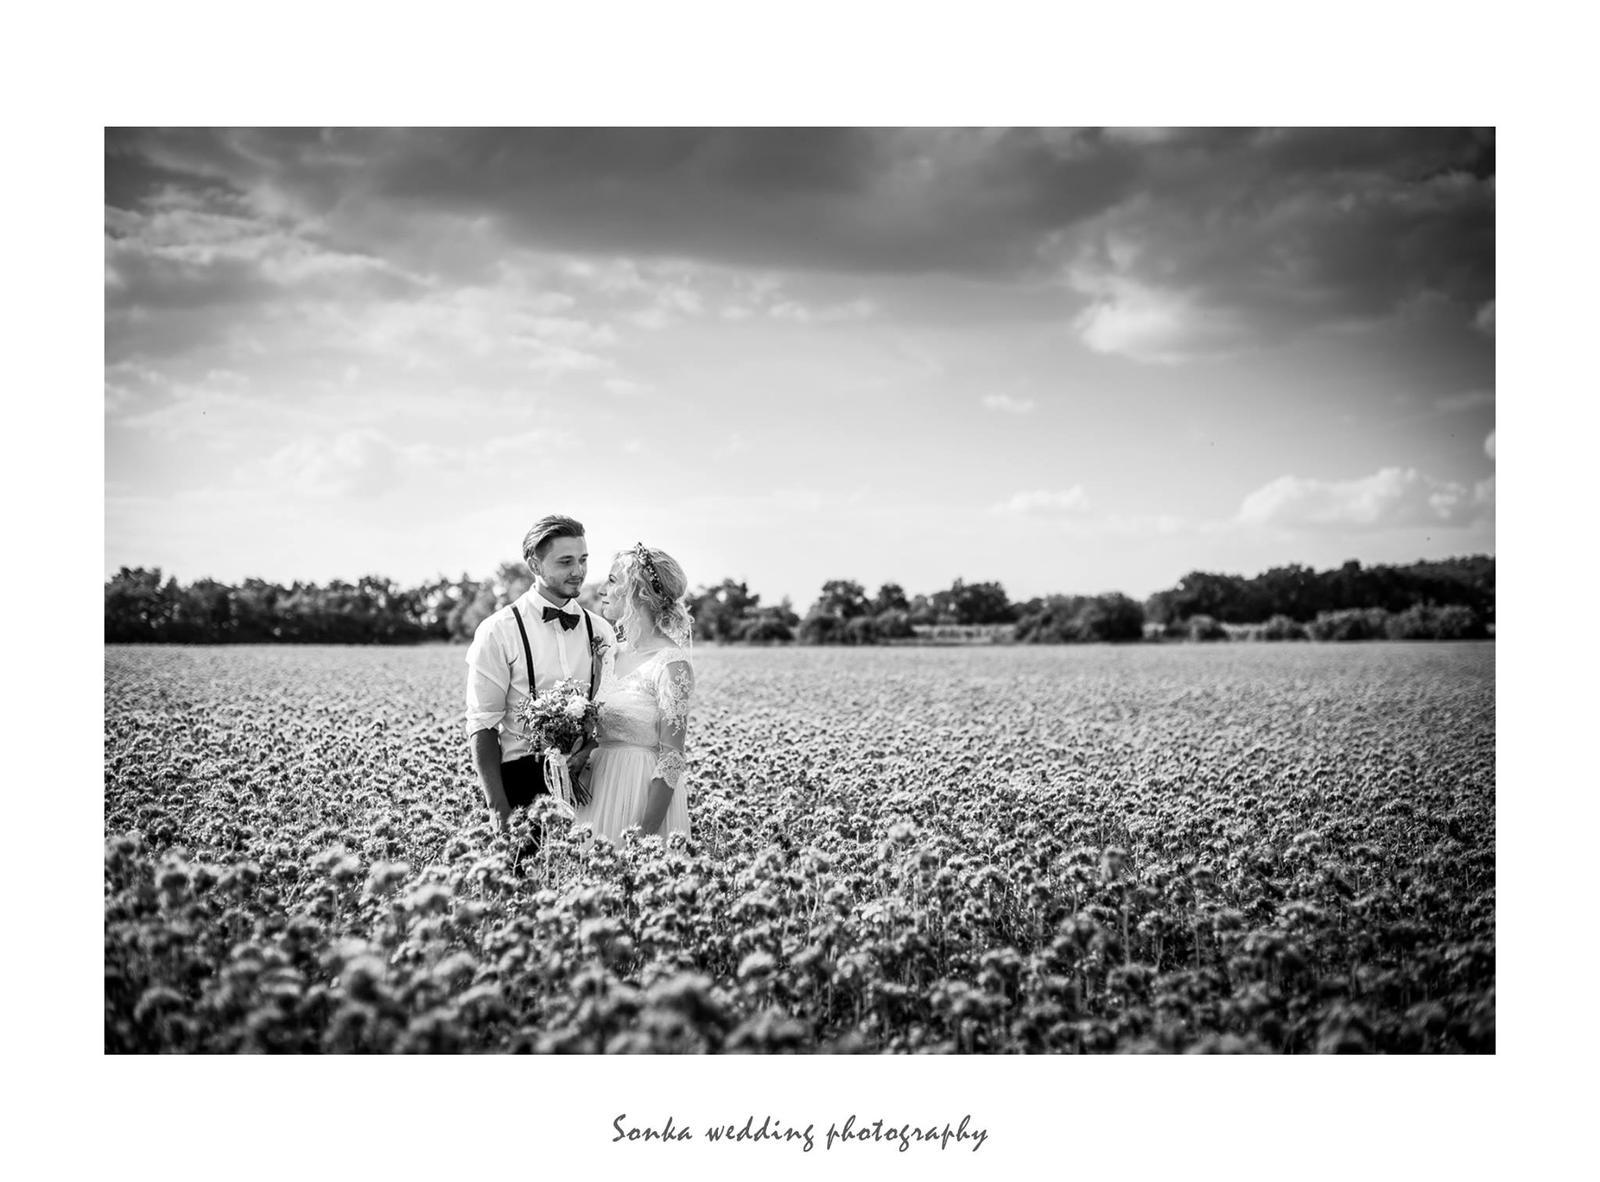 Wedding photography - Obrázek č. 19